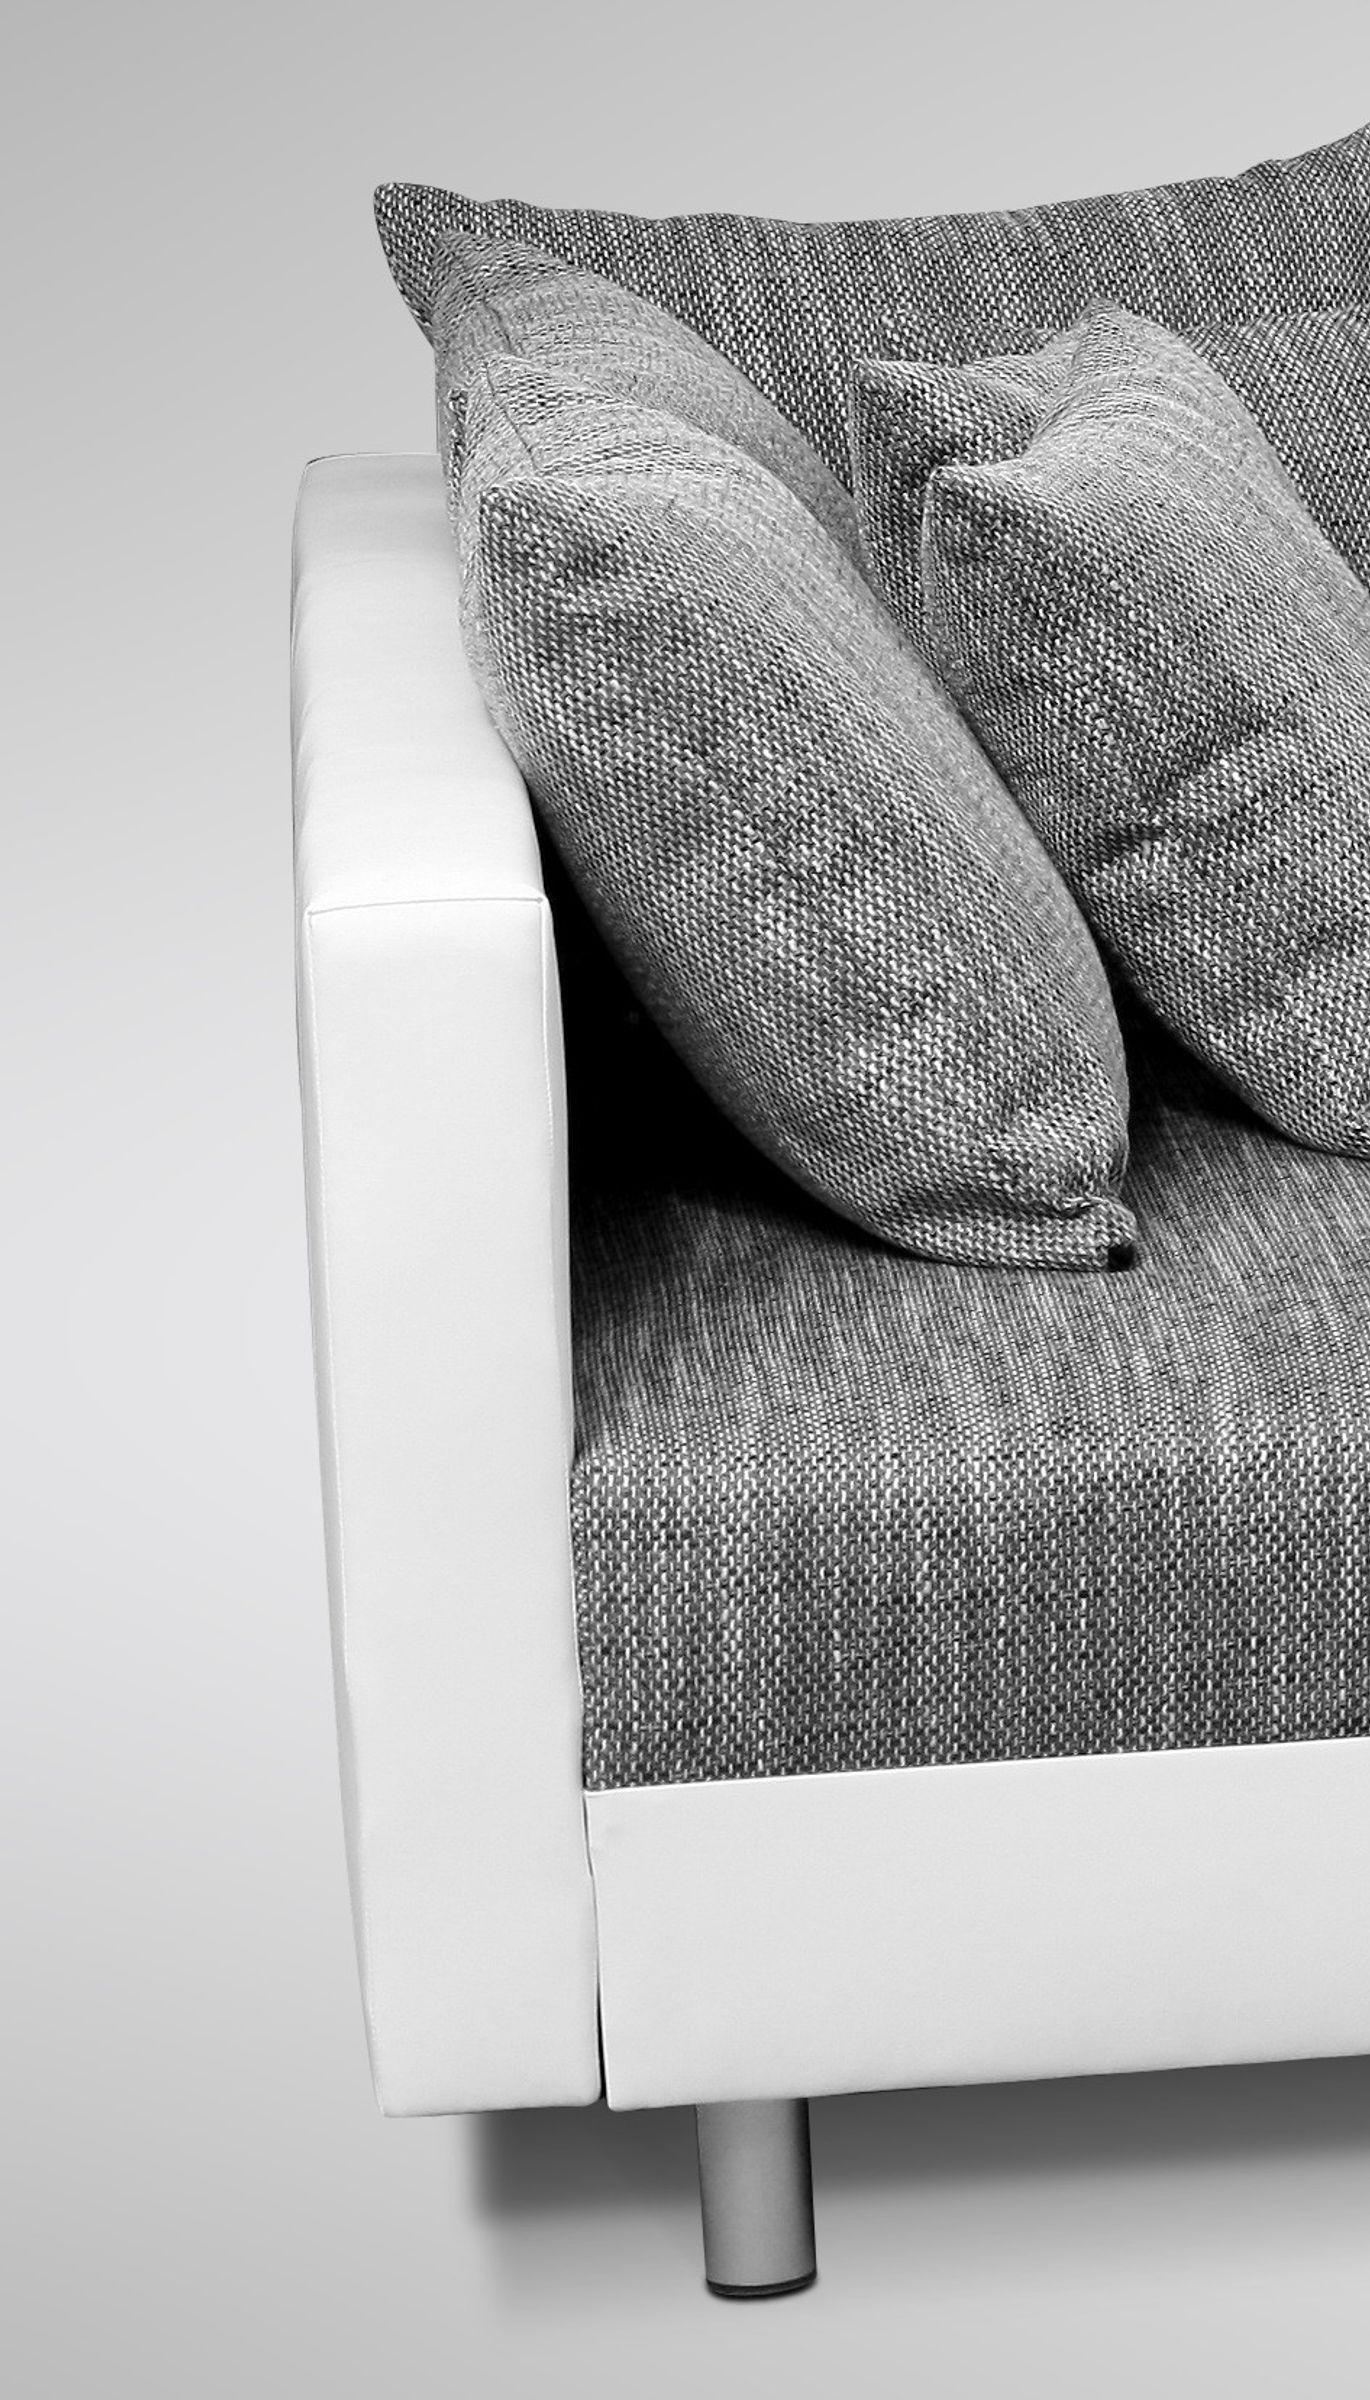 Sofa Couch Ecksofa Eckcouch in weiss / hellgrau Eckcouch mit Hocker - Minsk XXL – Bild 3